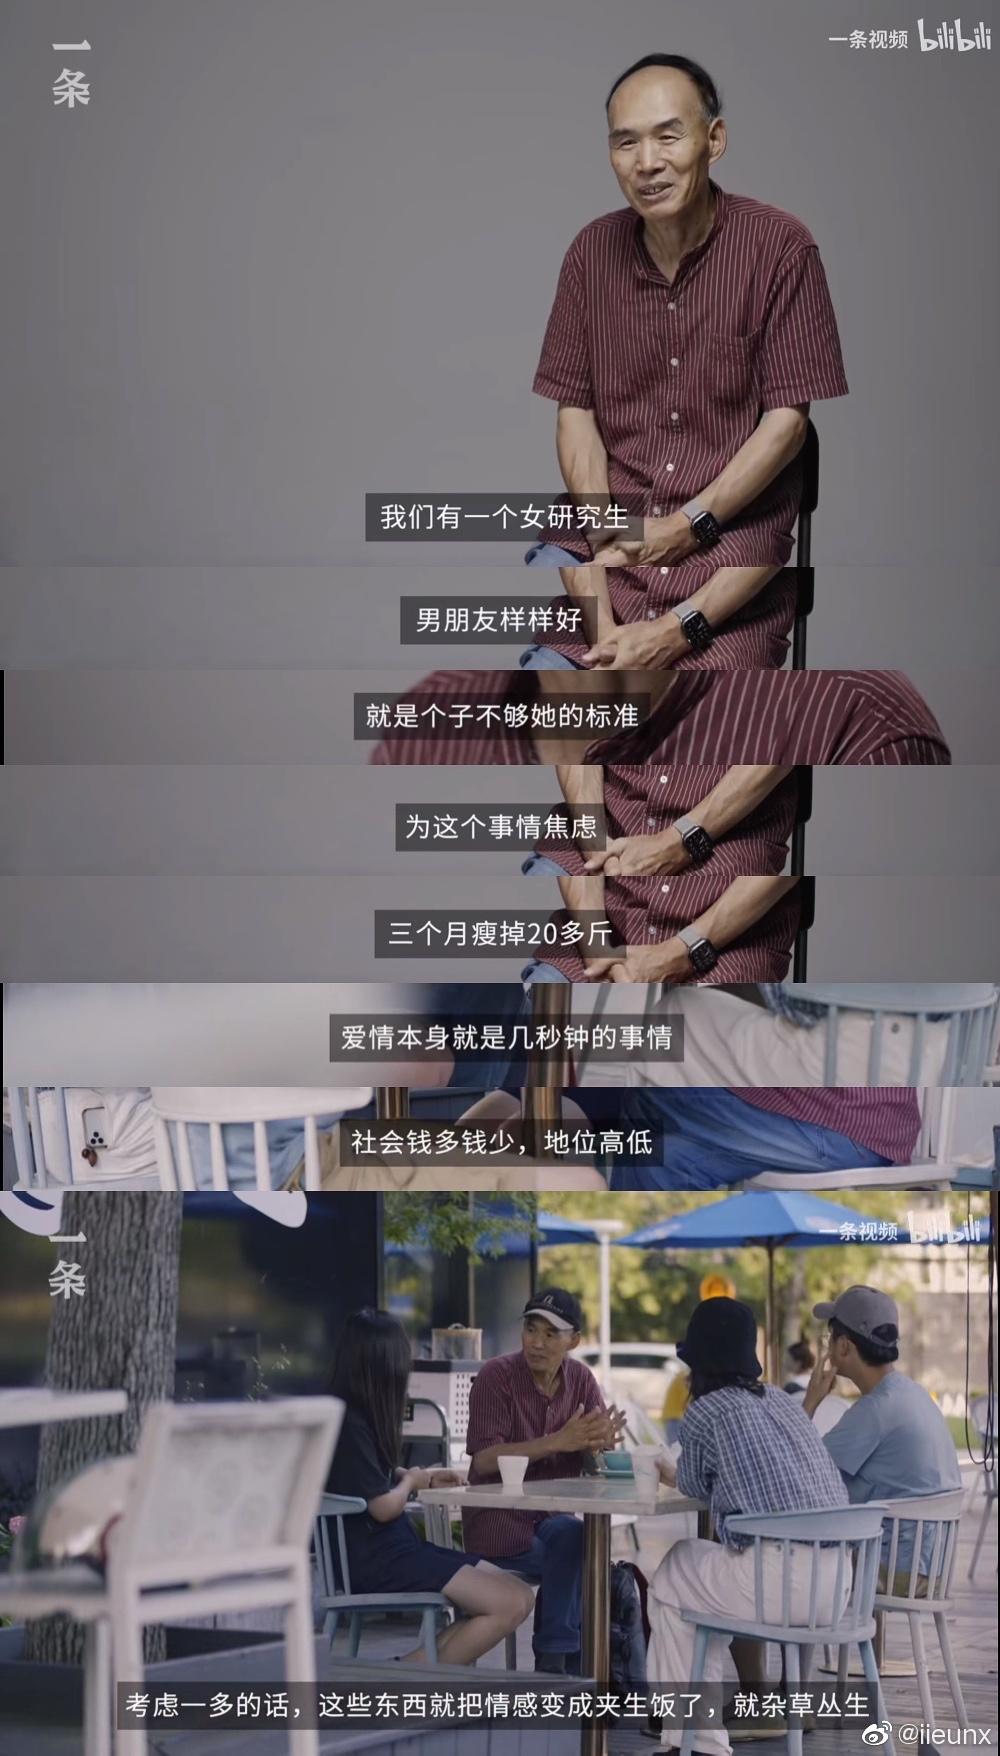 情感语录-梁永安教授的爱情课:...